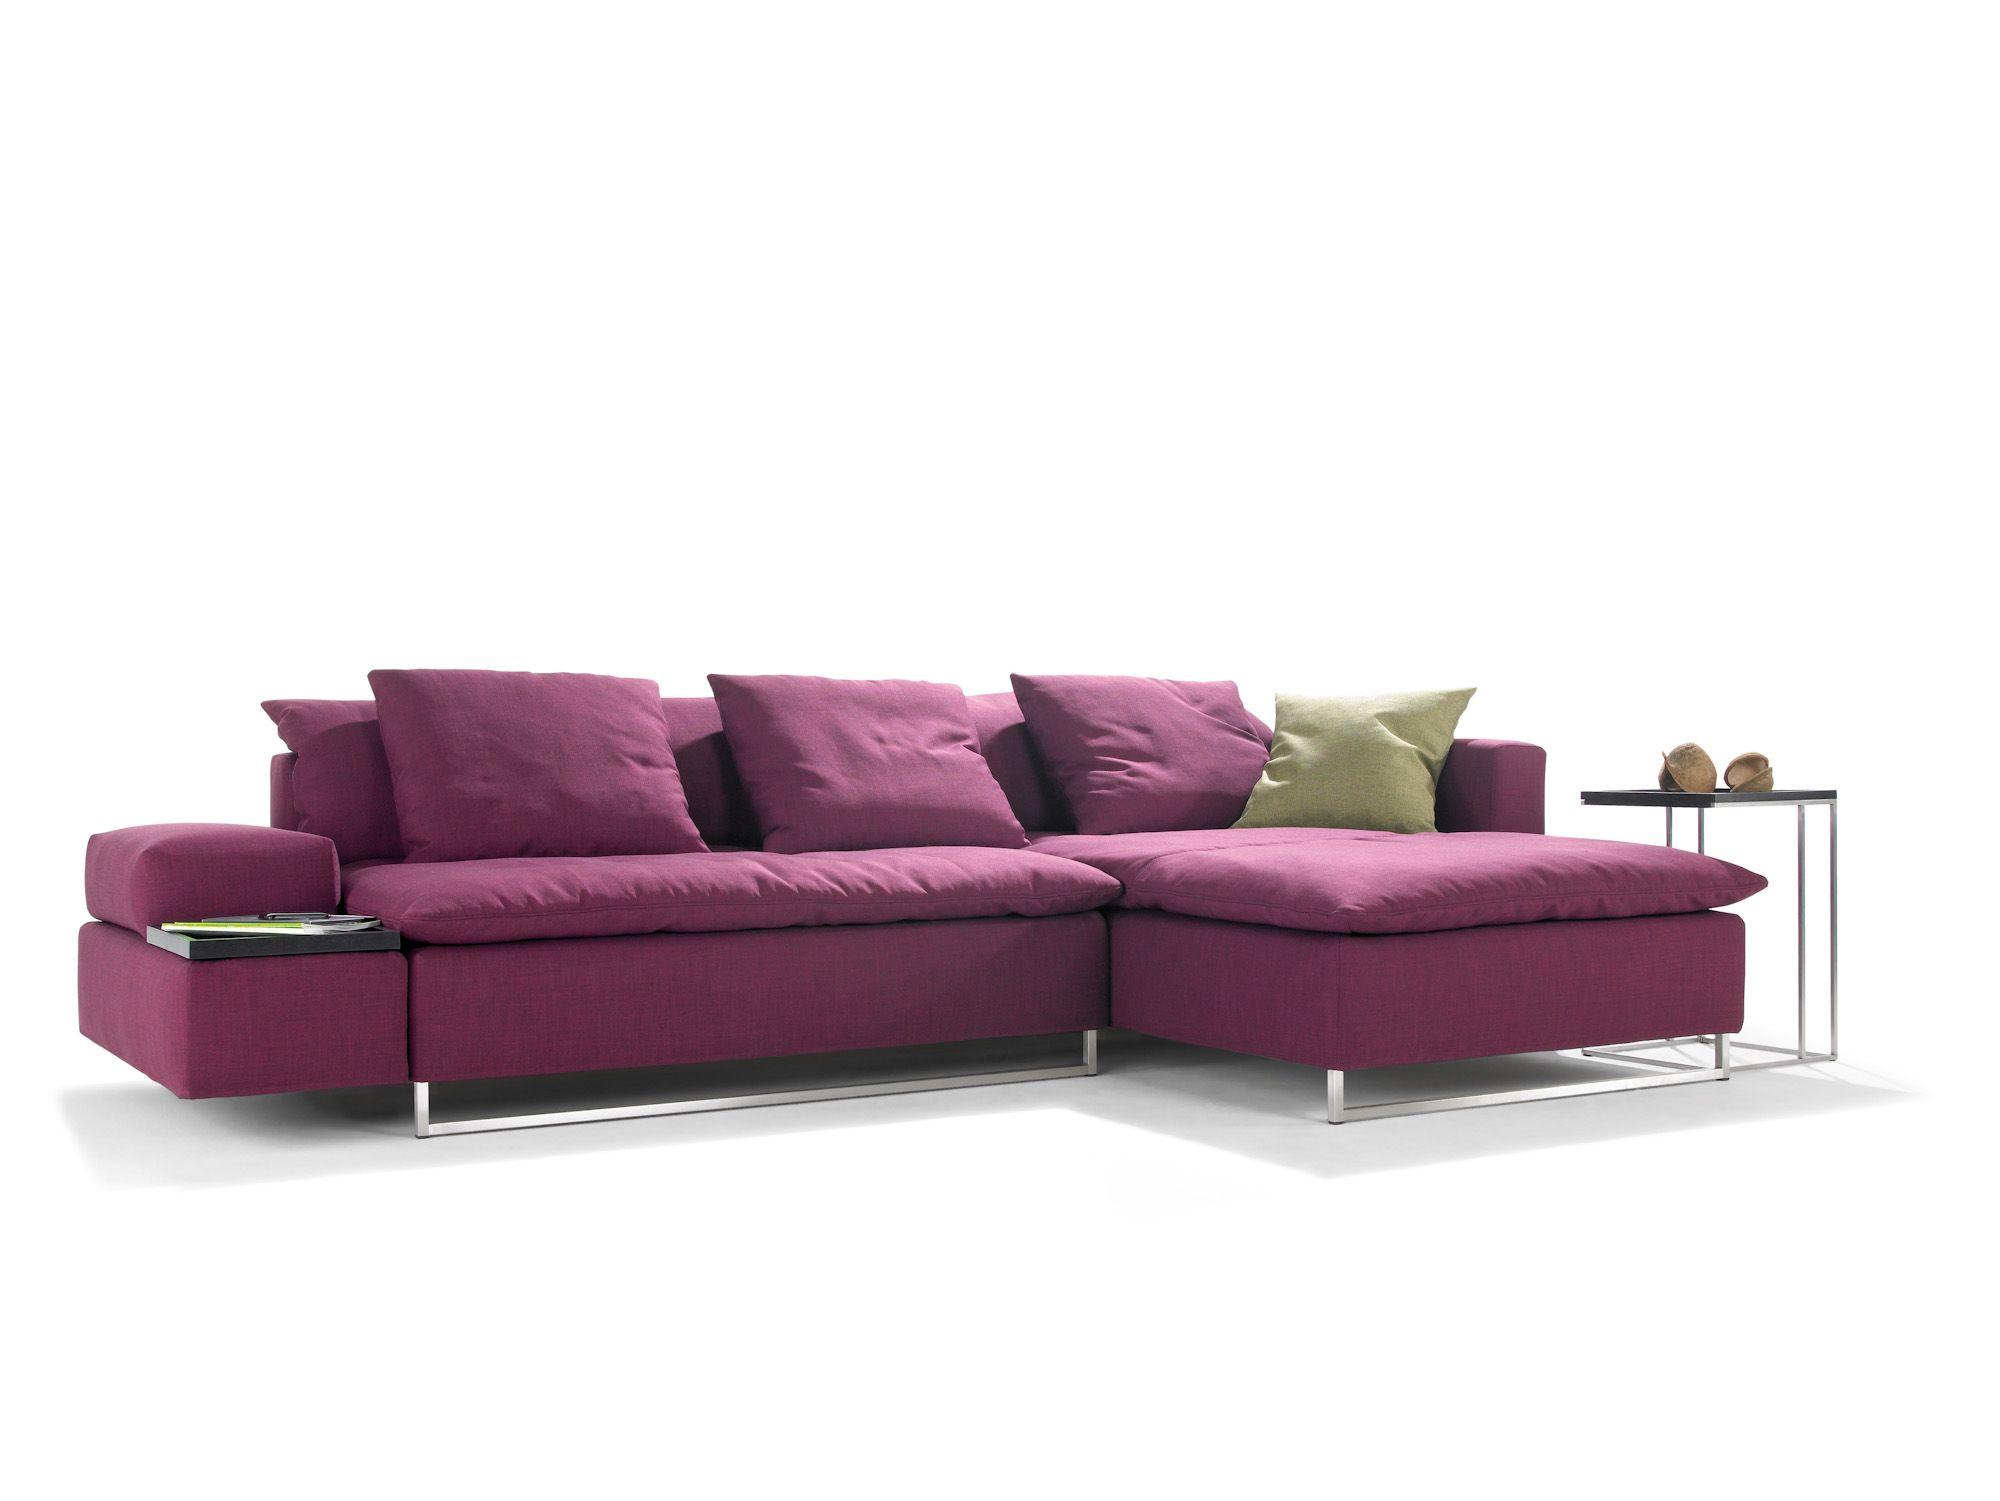 Polstermöbel Färben sofa als wohnlandschaft oder schlafcouch stoff magenta in